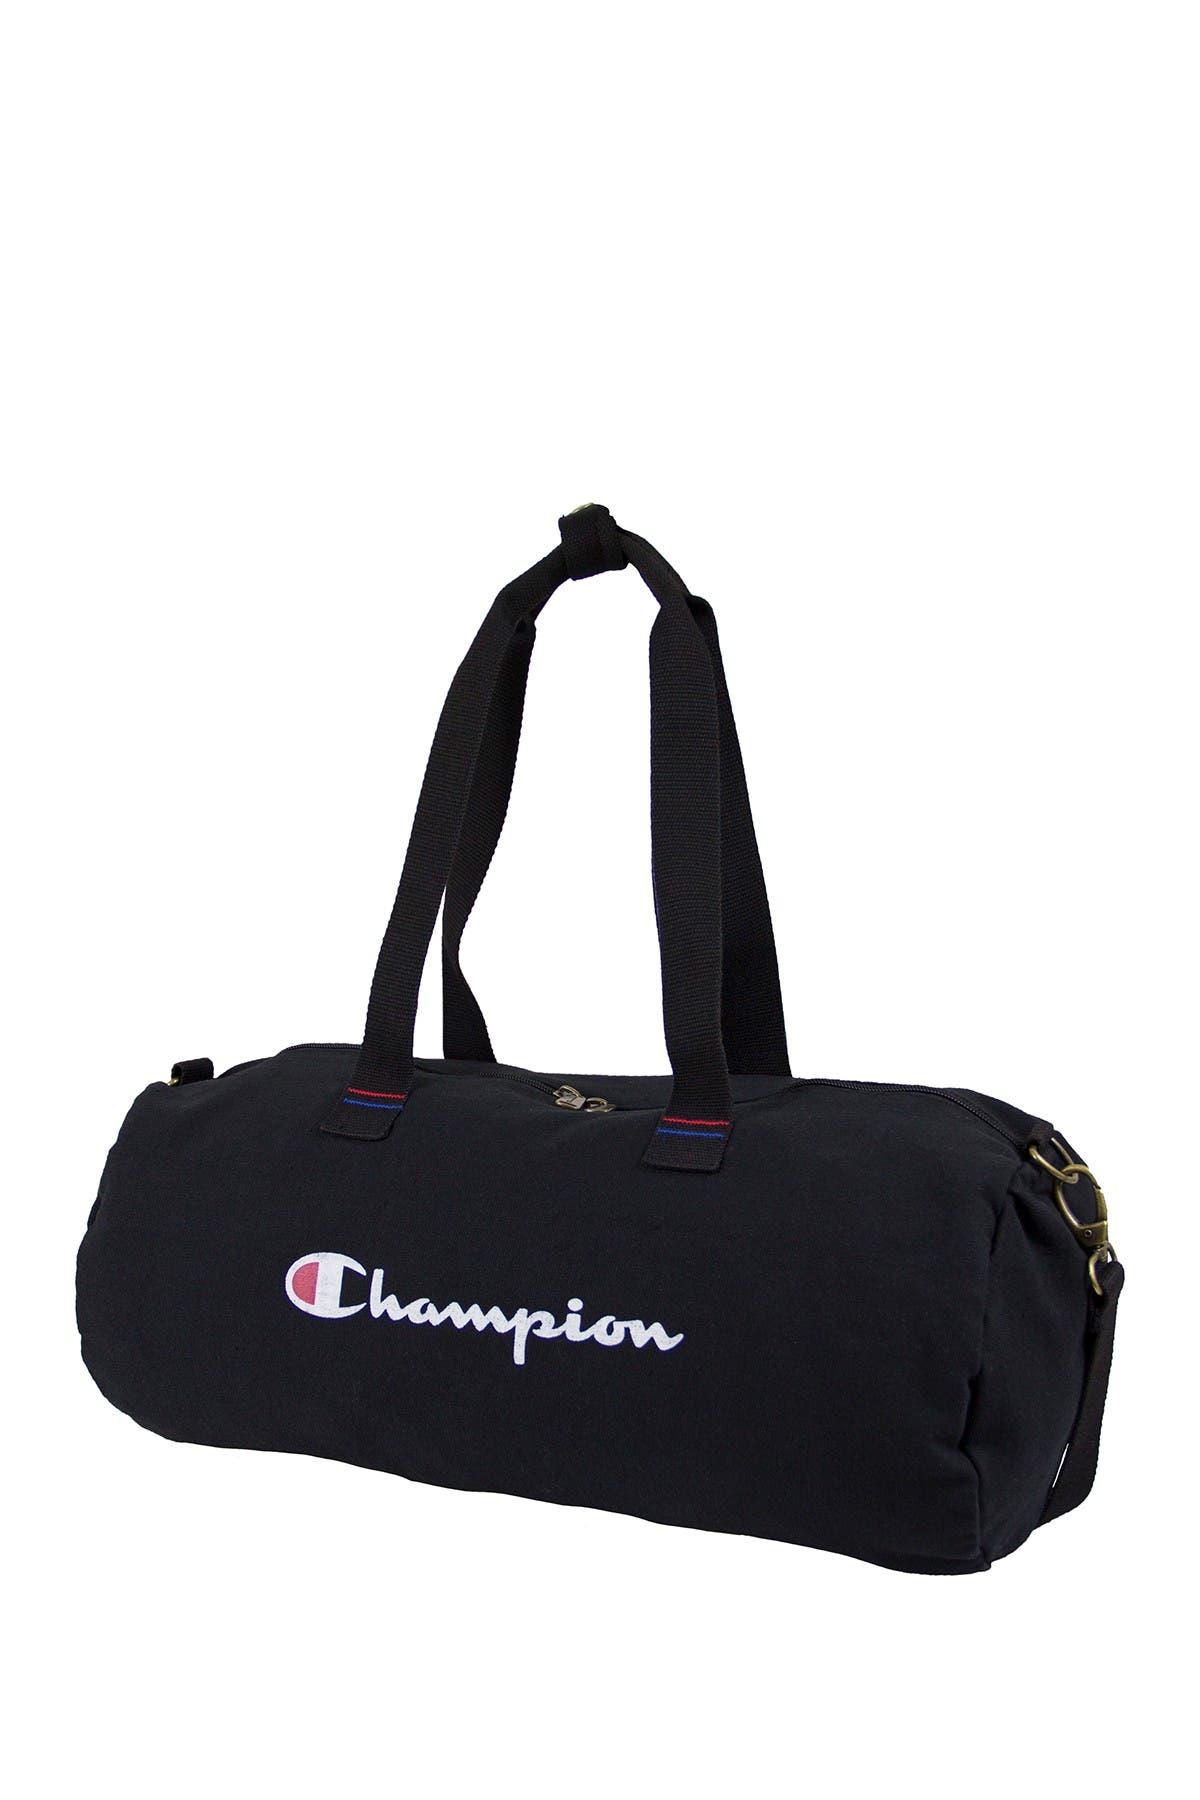 Image of Champion Shuffle Duffel Bag